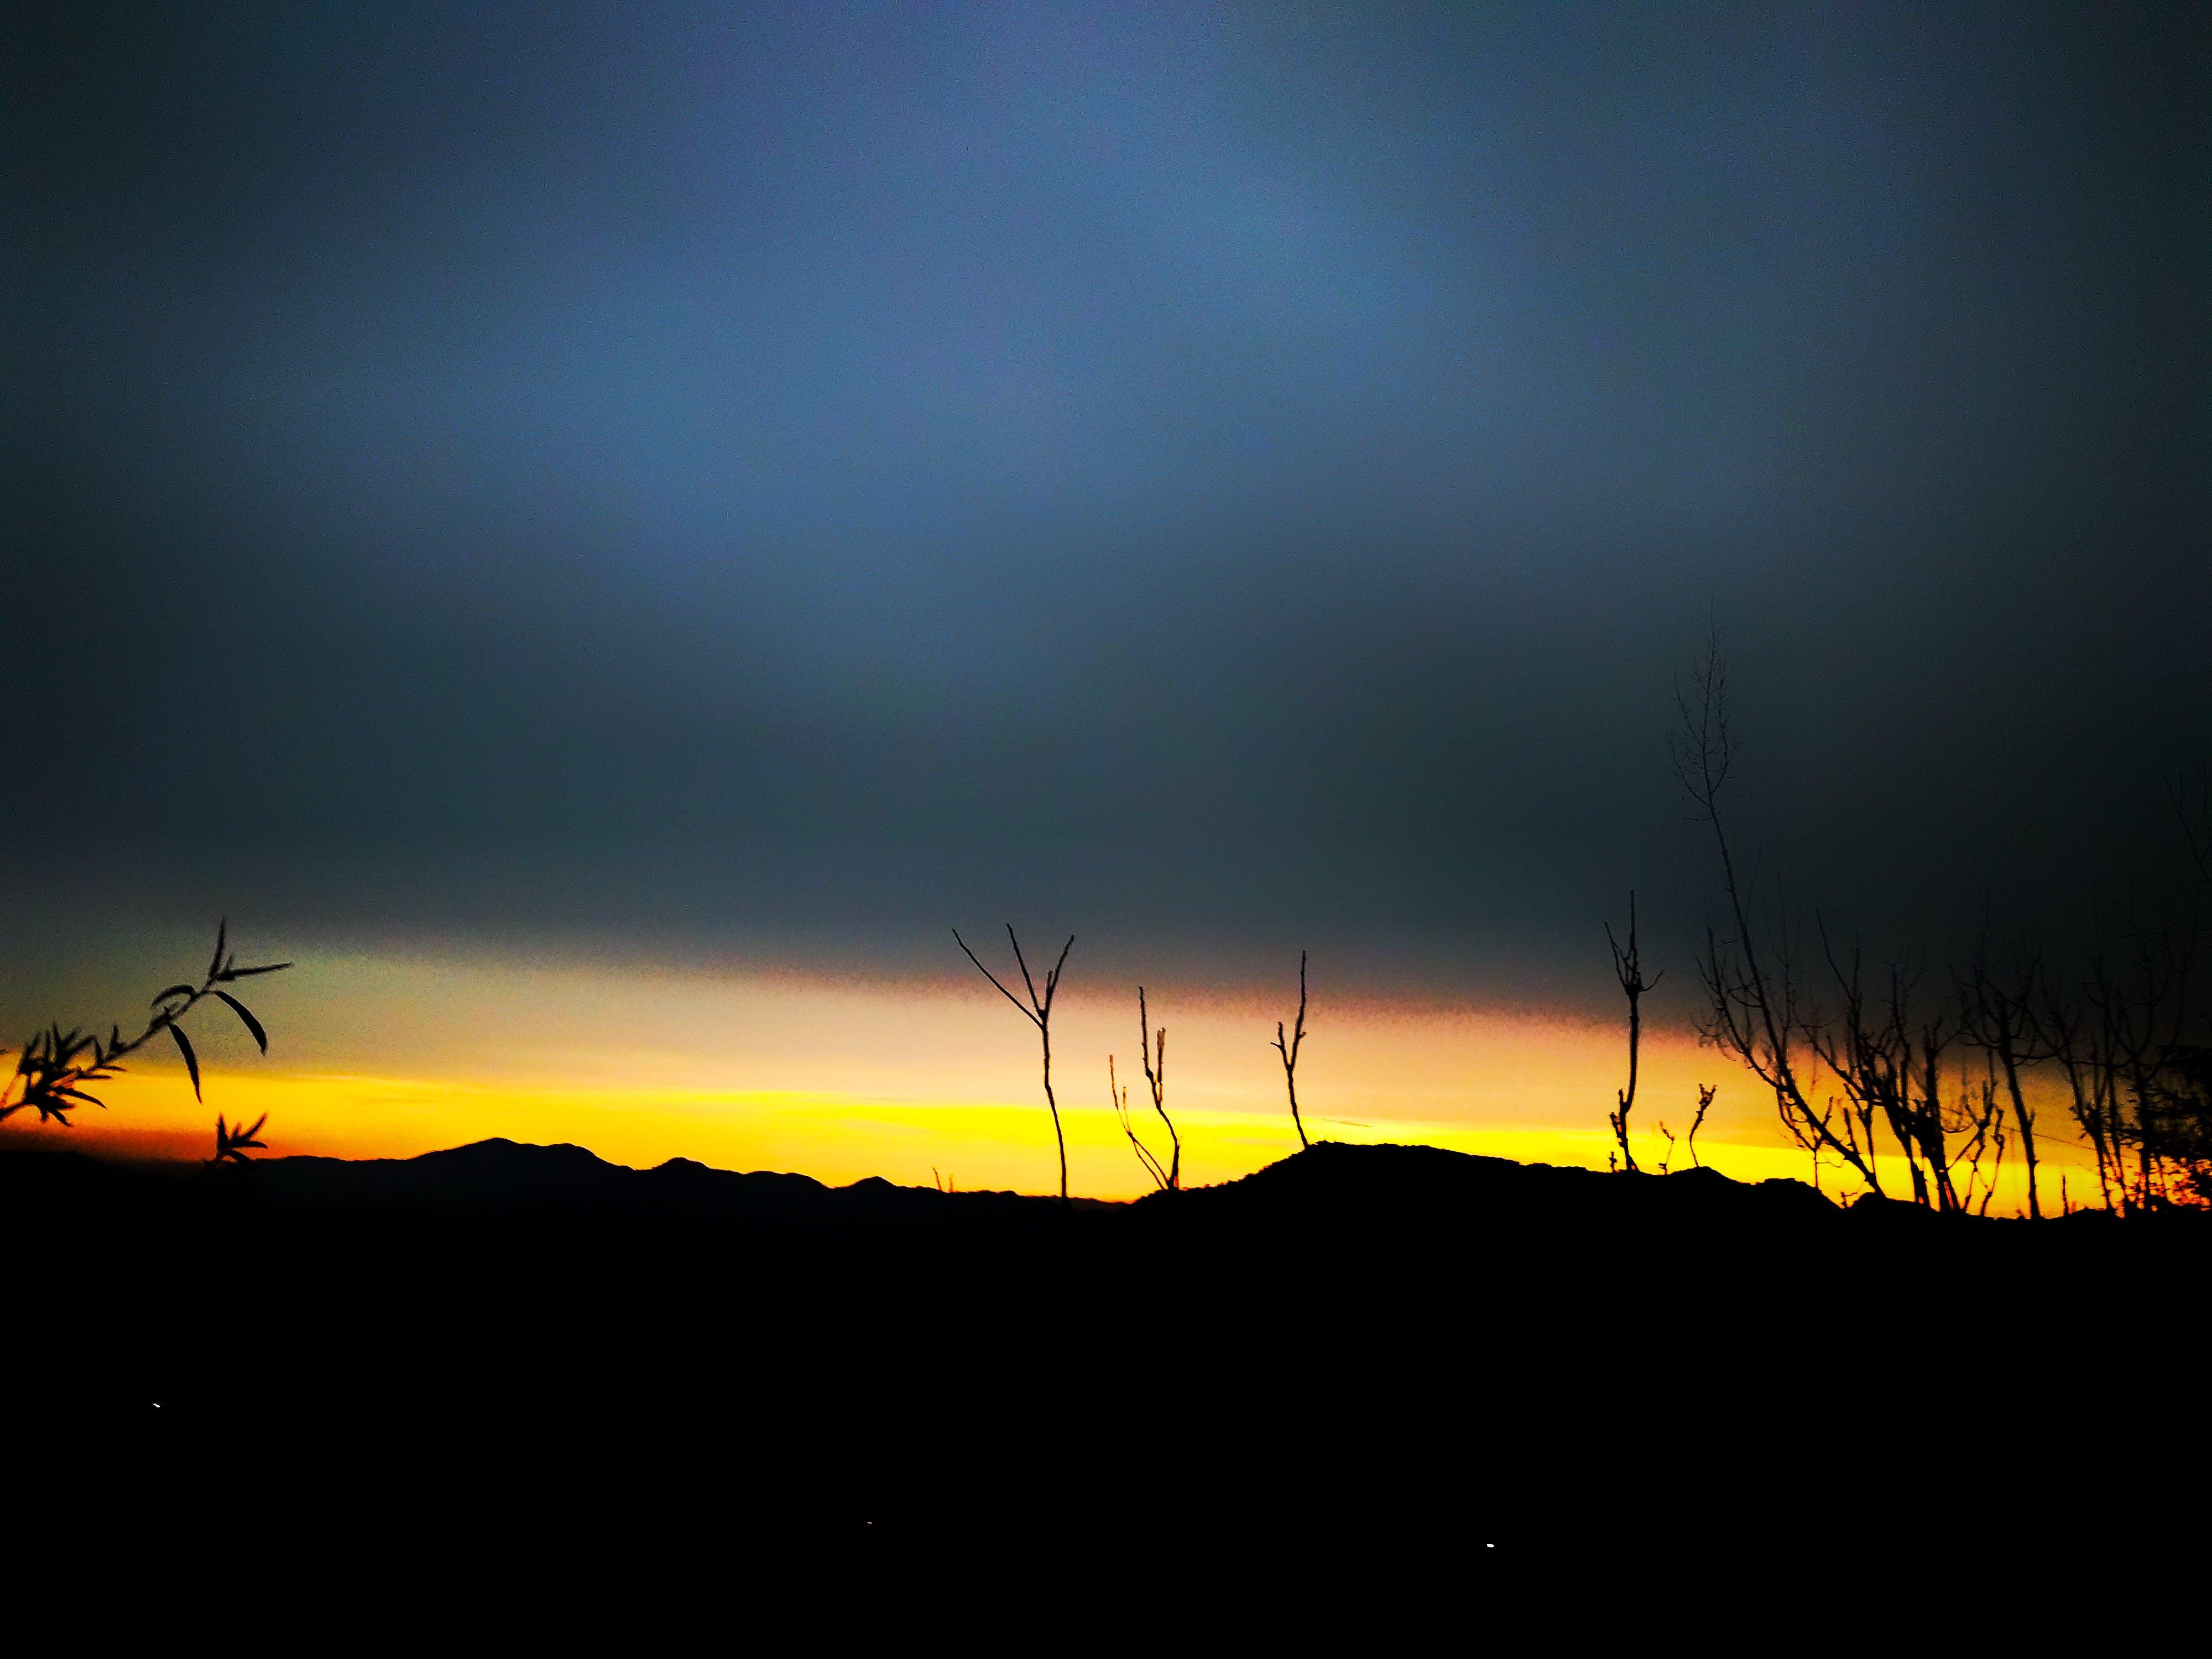 Photos gratuites de beauté dans la nature, coucher de soleil, fond de nature, hils